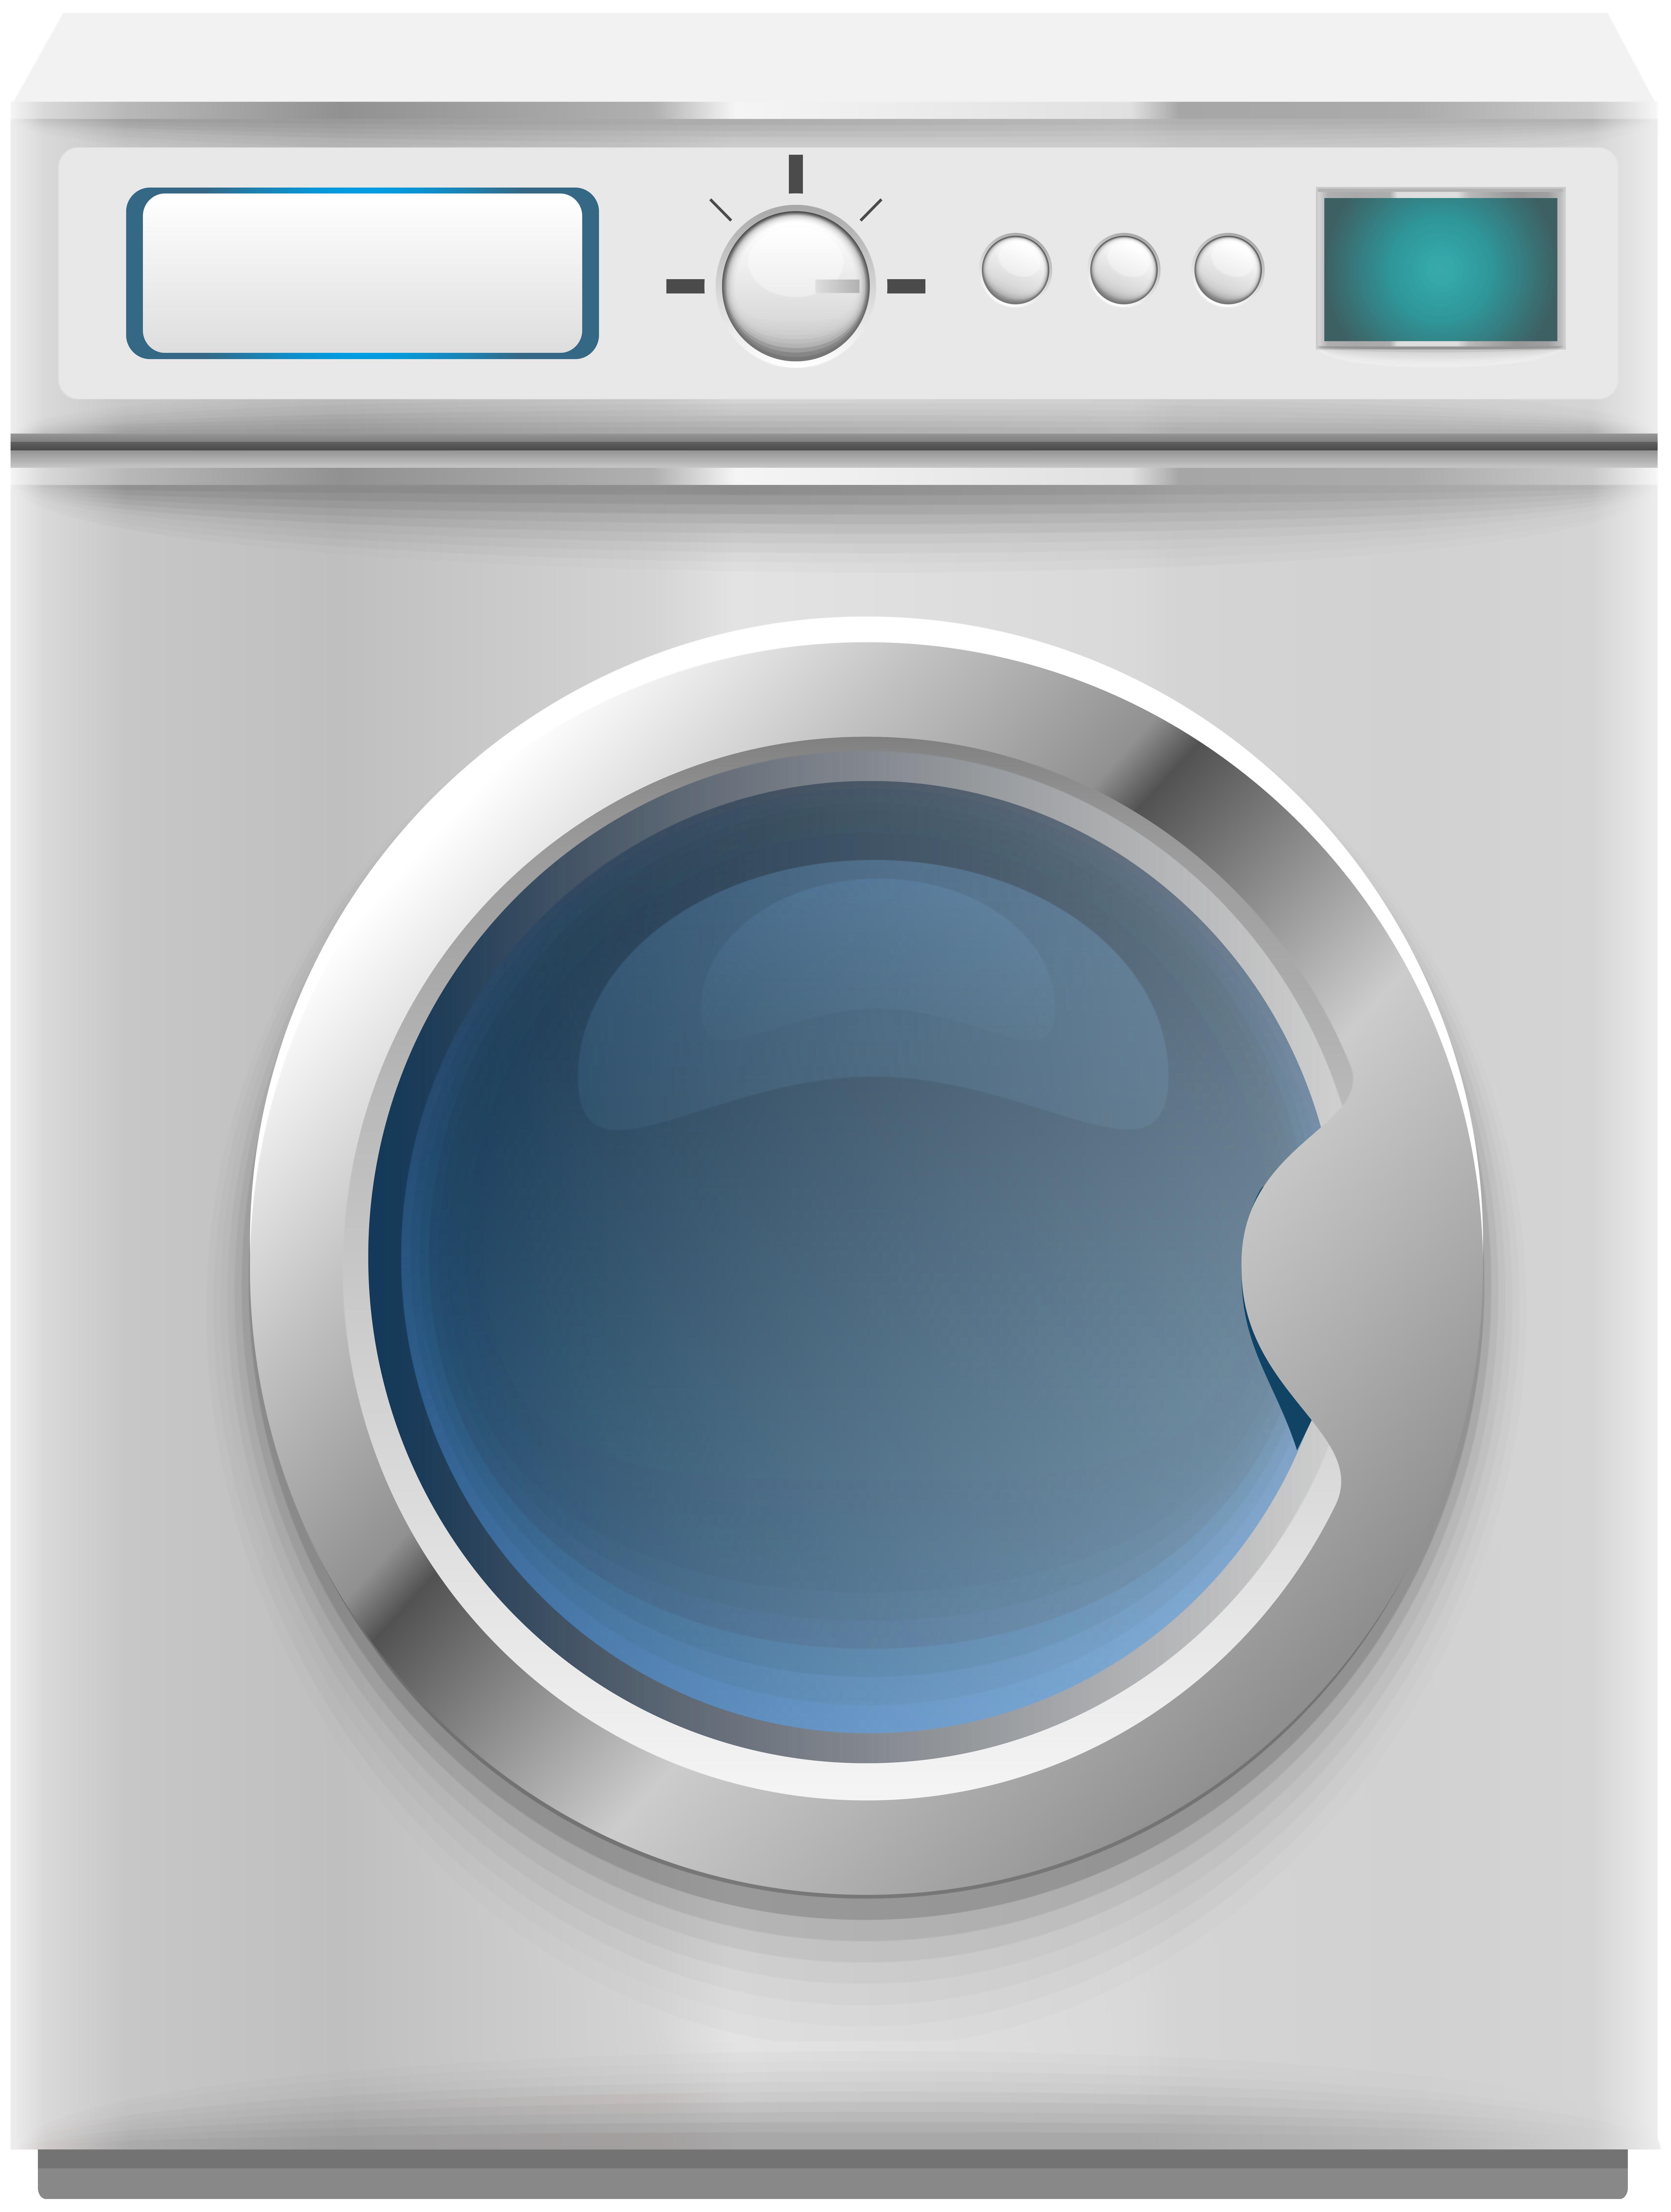 Washing Machine PNG Clip Art.